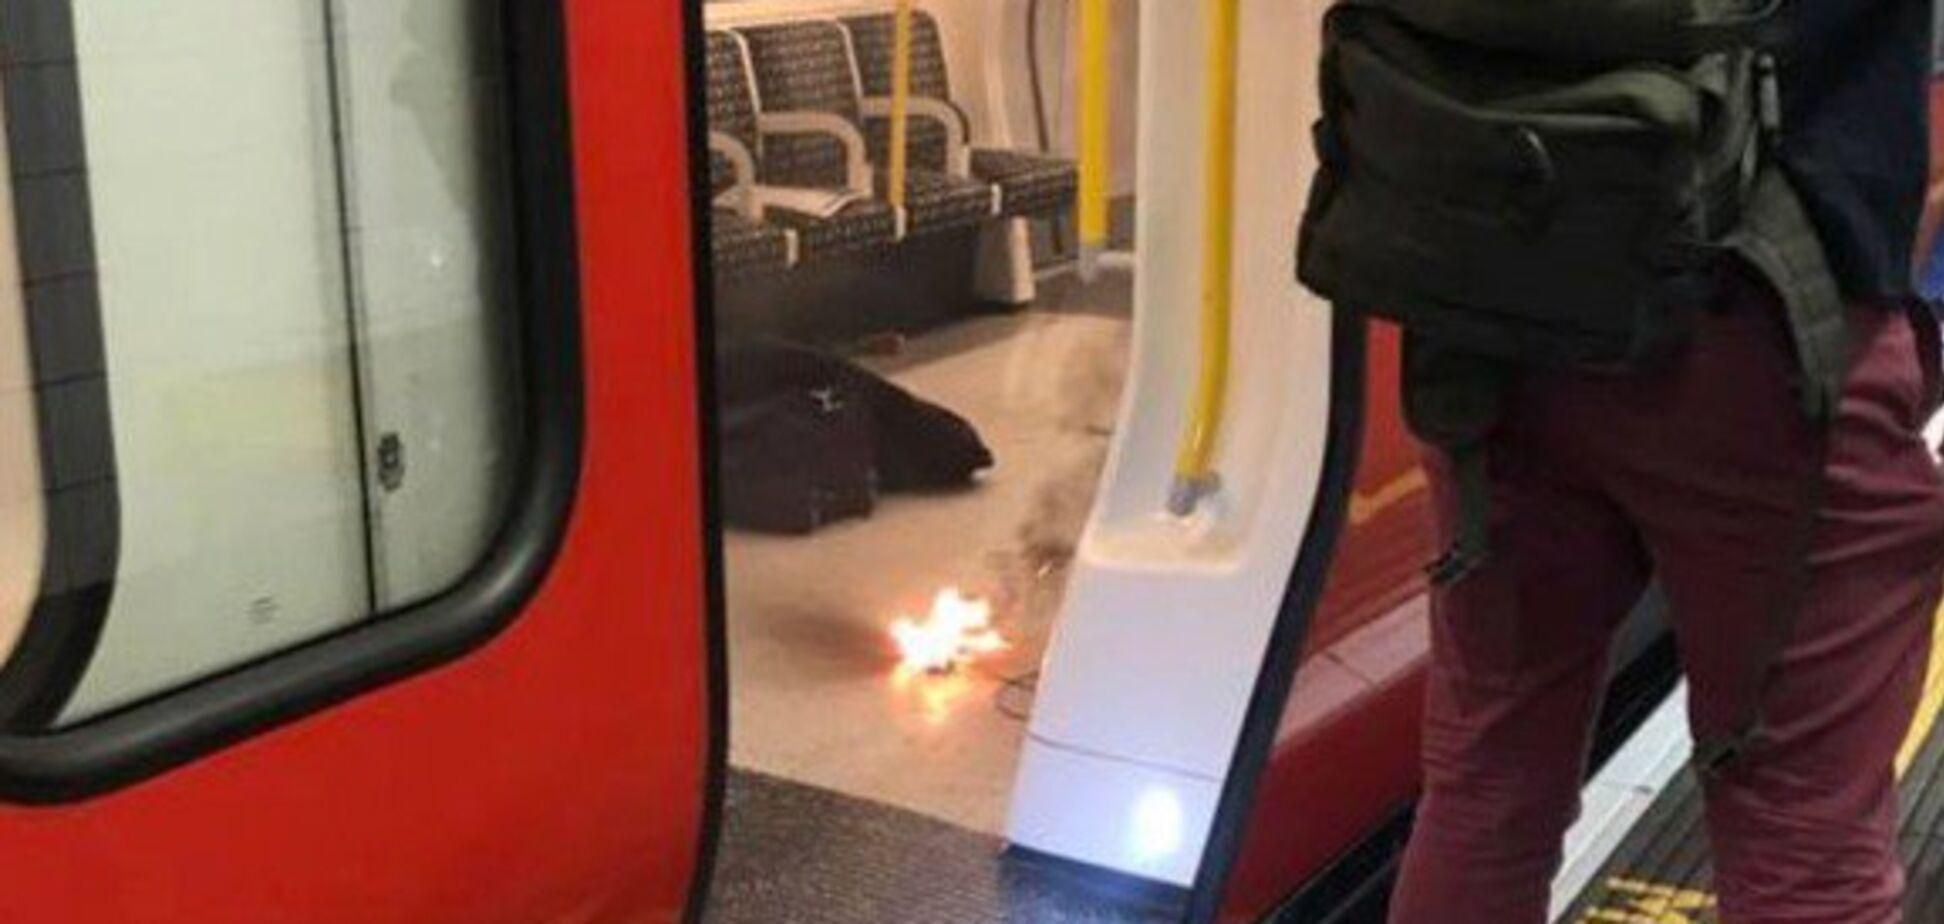 Паника и эвакуация: в метро Лондона прогремел взрыв